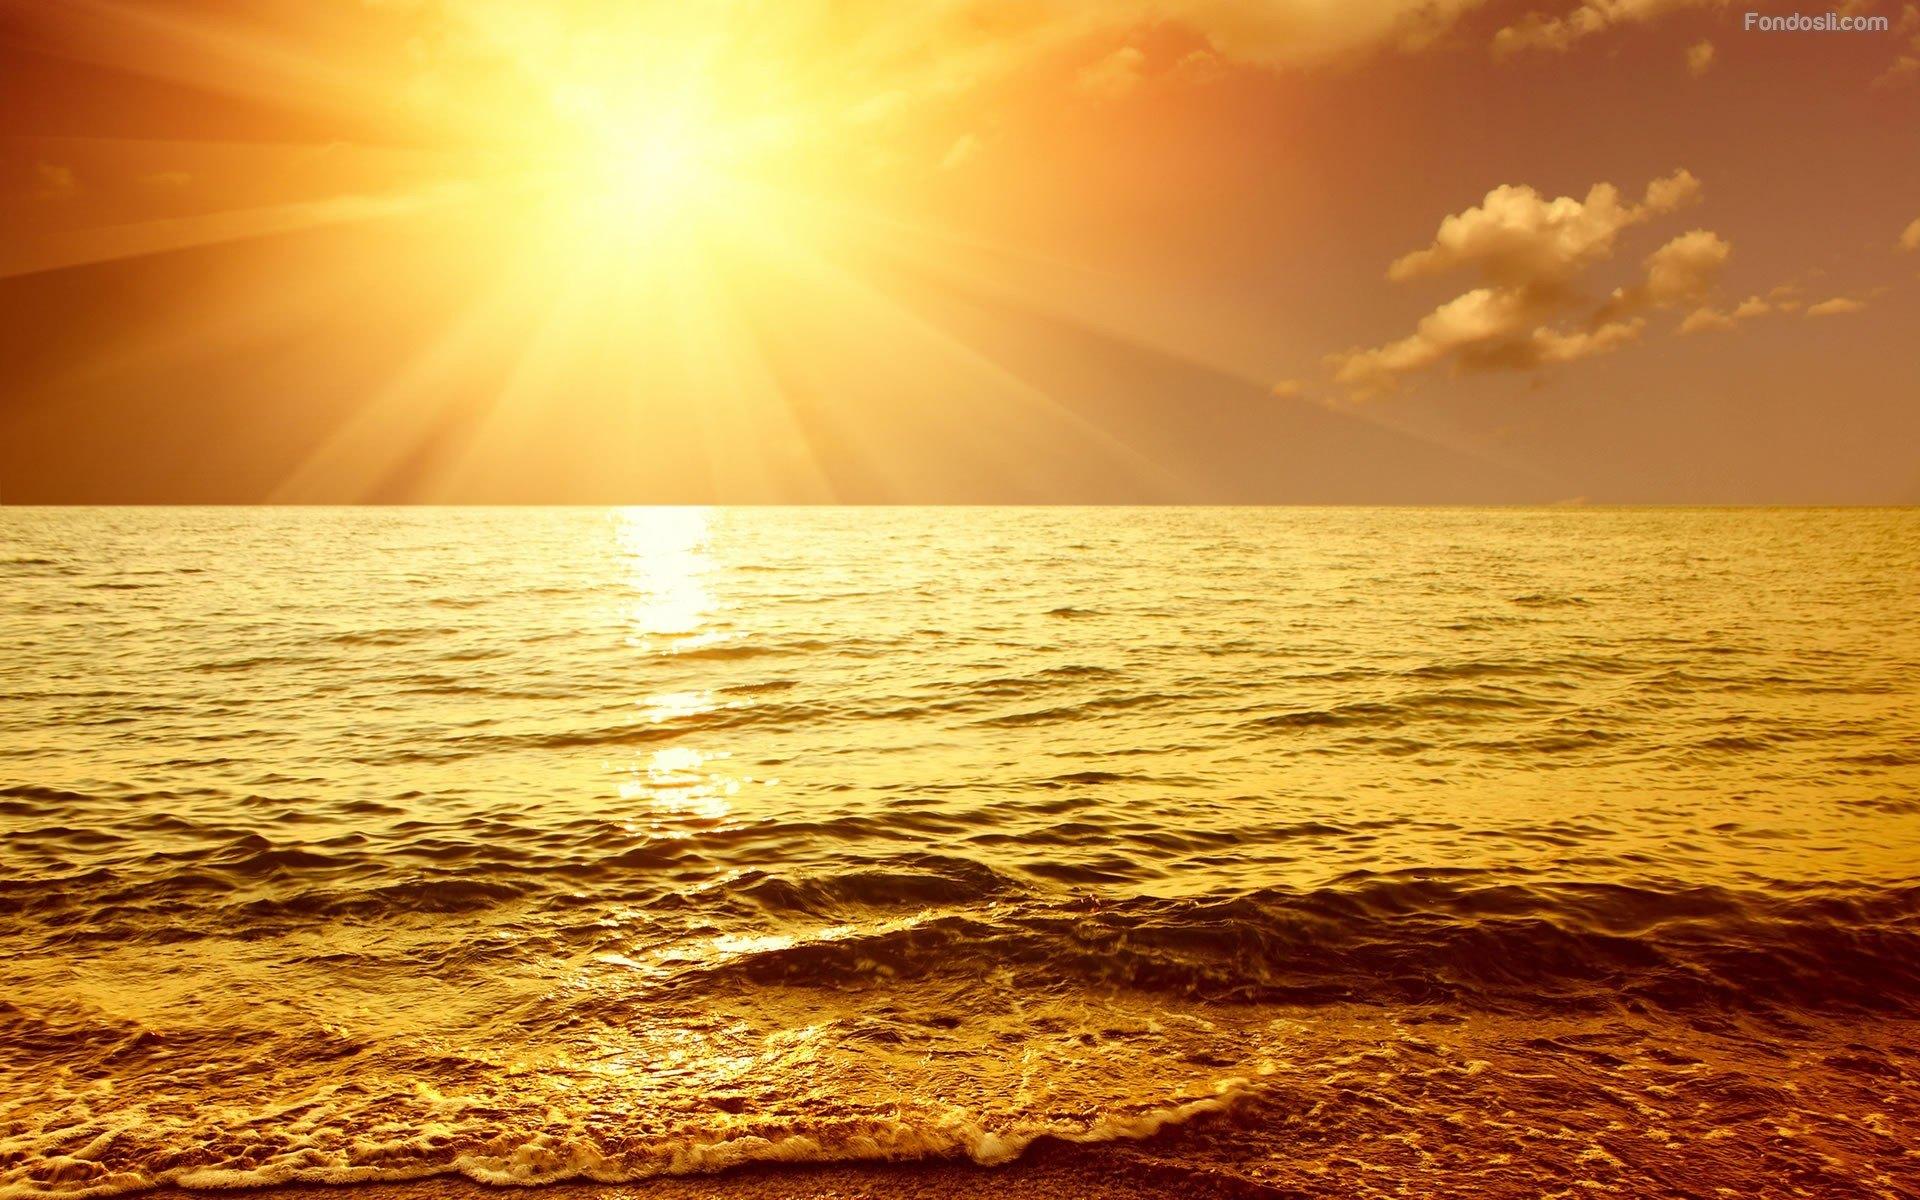 Daños oculares provocados por láser y por la exposición al sol